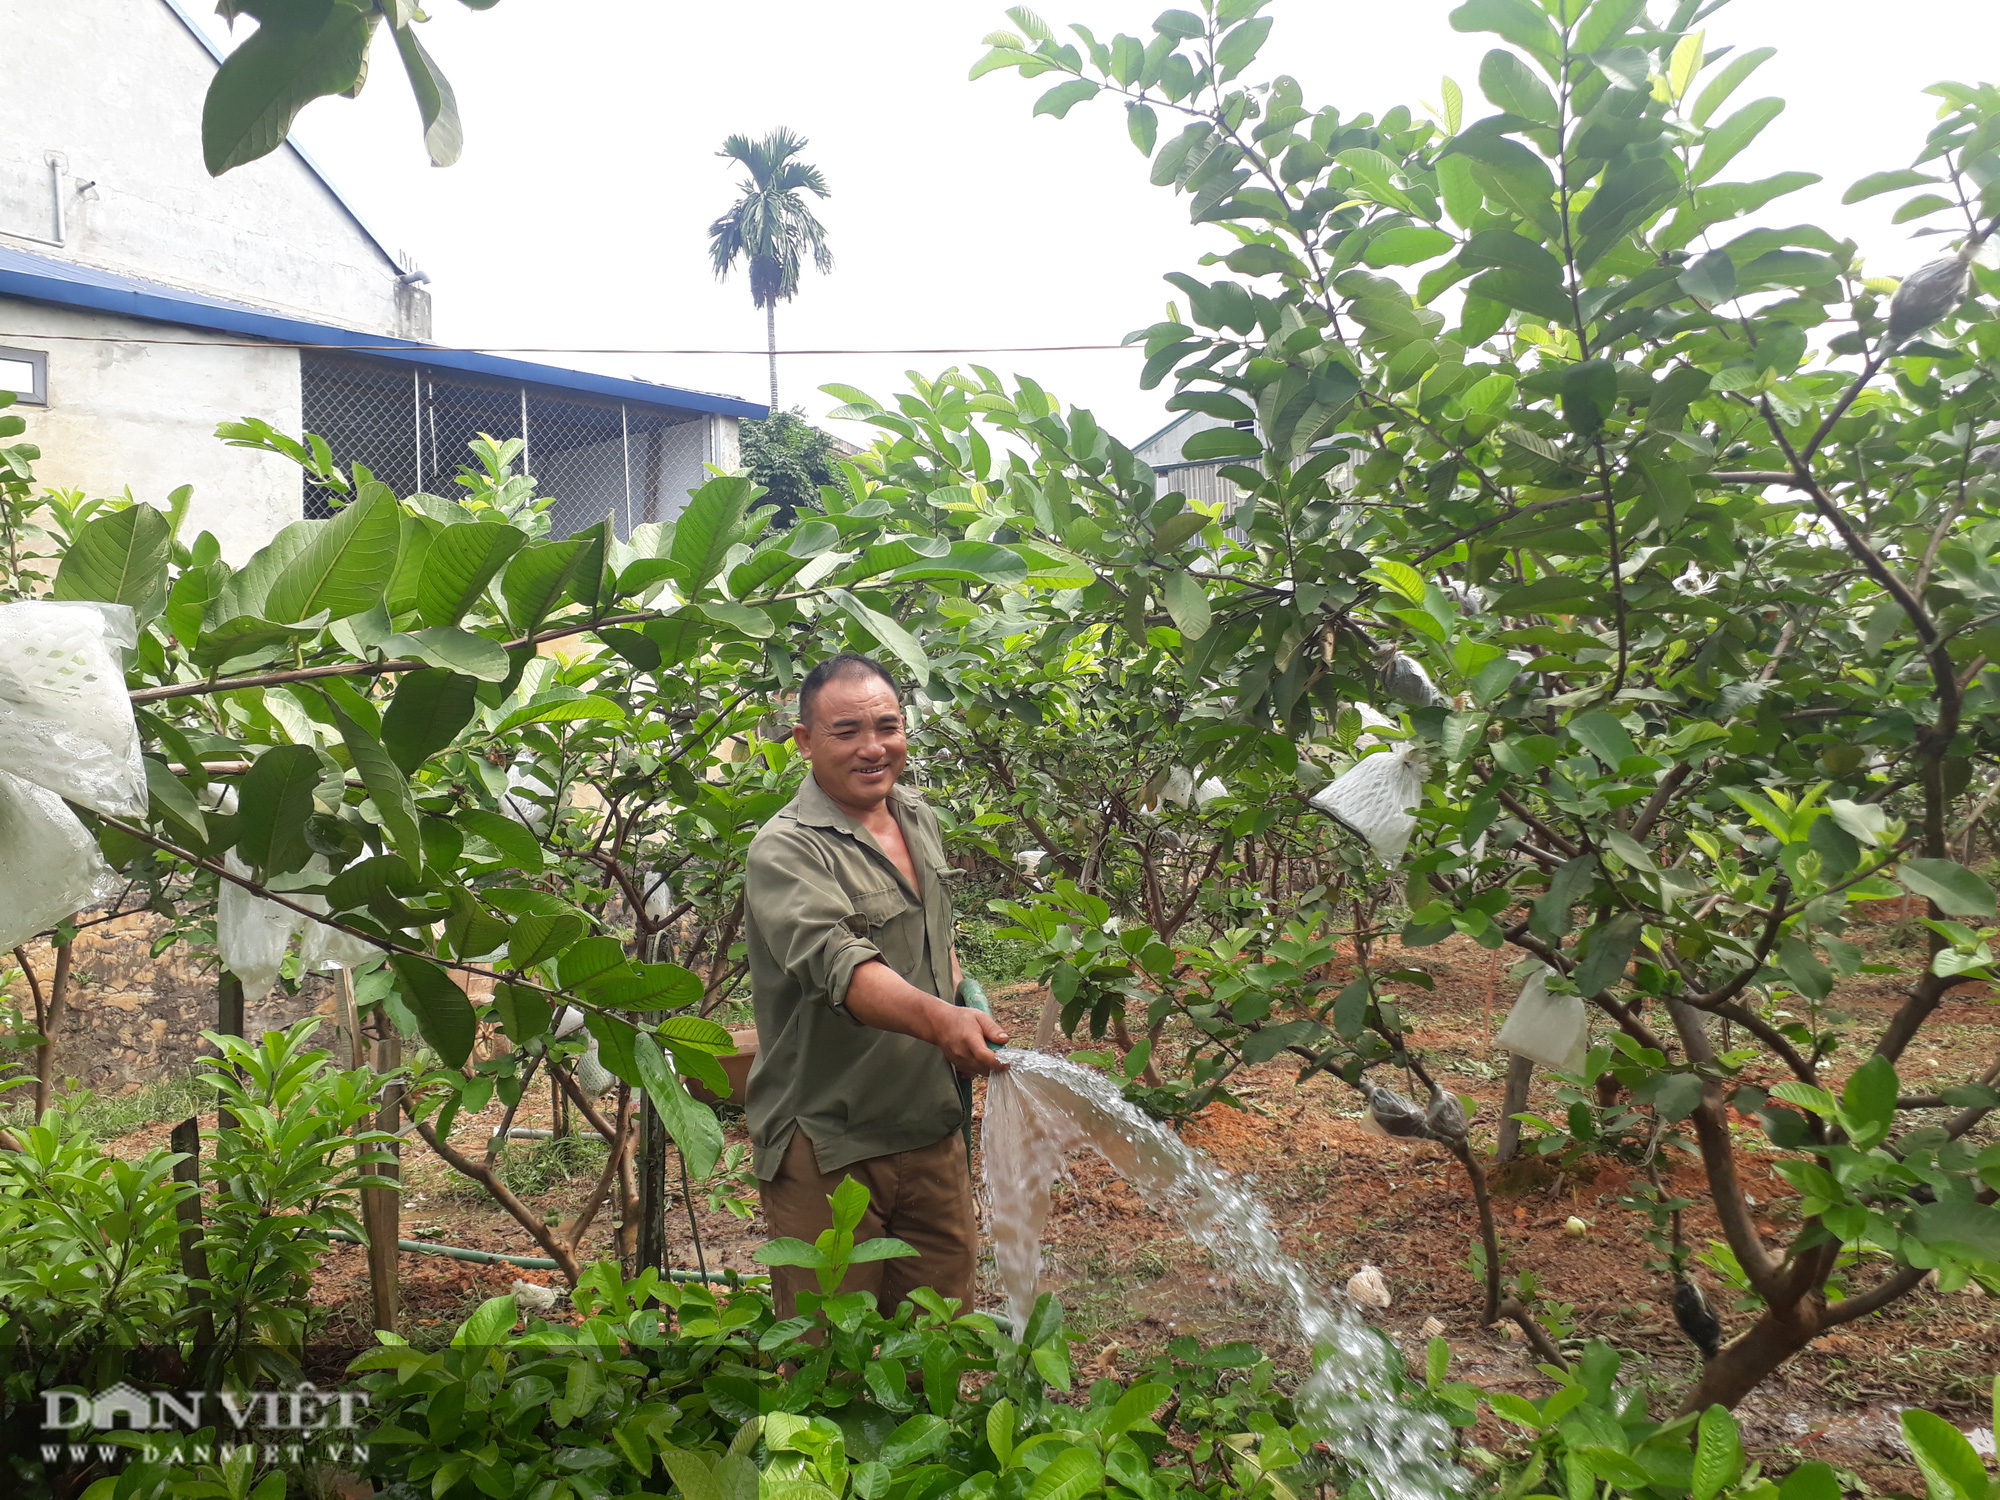 Trồng cây ra quả ngọt quanh năm, vợ chồng anh nông dân Thái Nguyên thu hàng trăm triệu đồng mỗi năm - Ảnh 7.